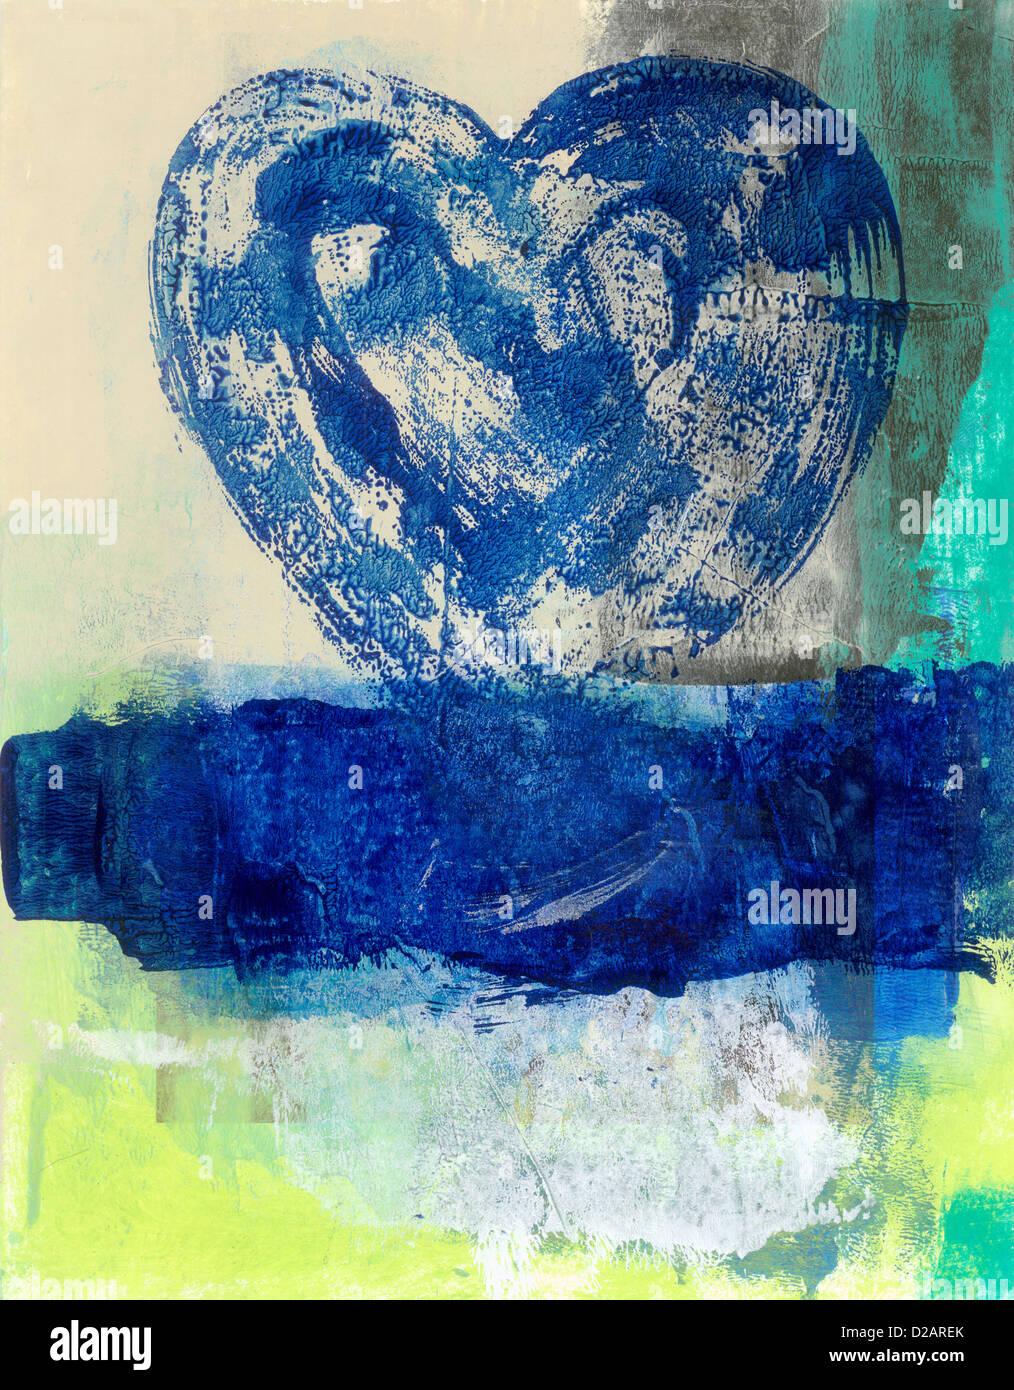 Abstraktes Bild eines blauen Herzens steigt aus einem blauen Wasser. Stockfoto